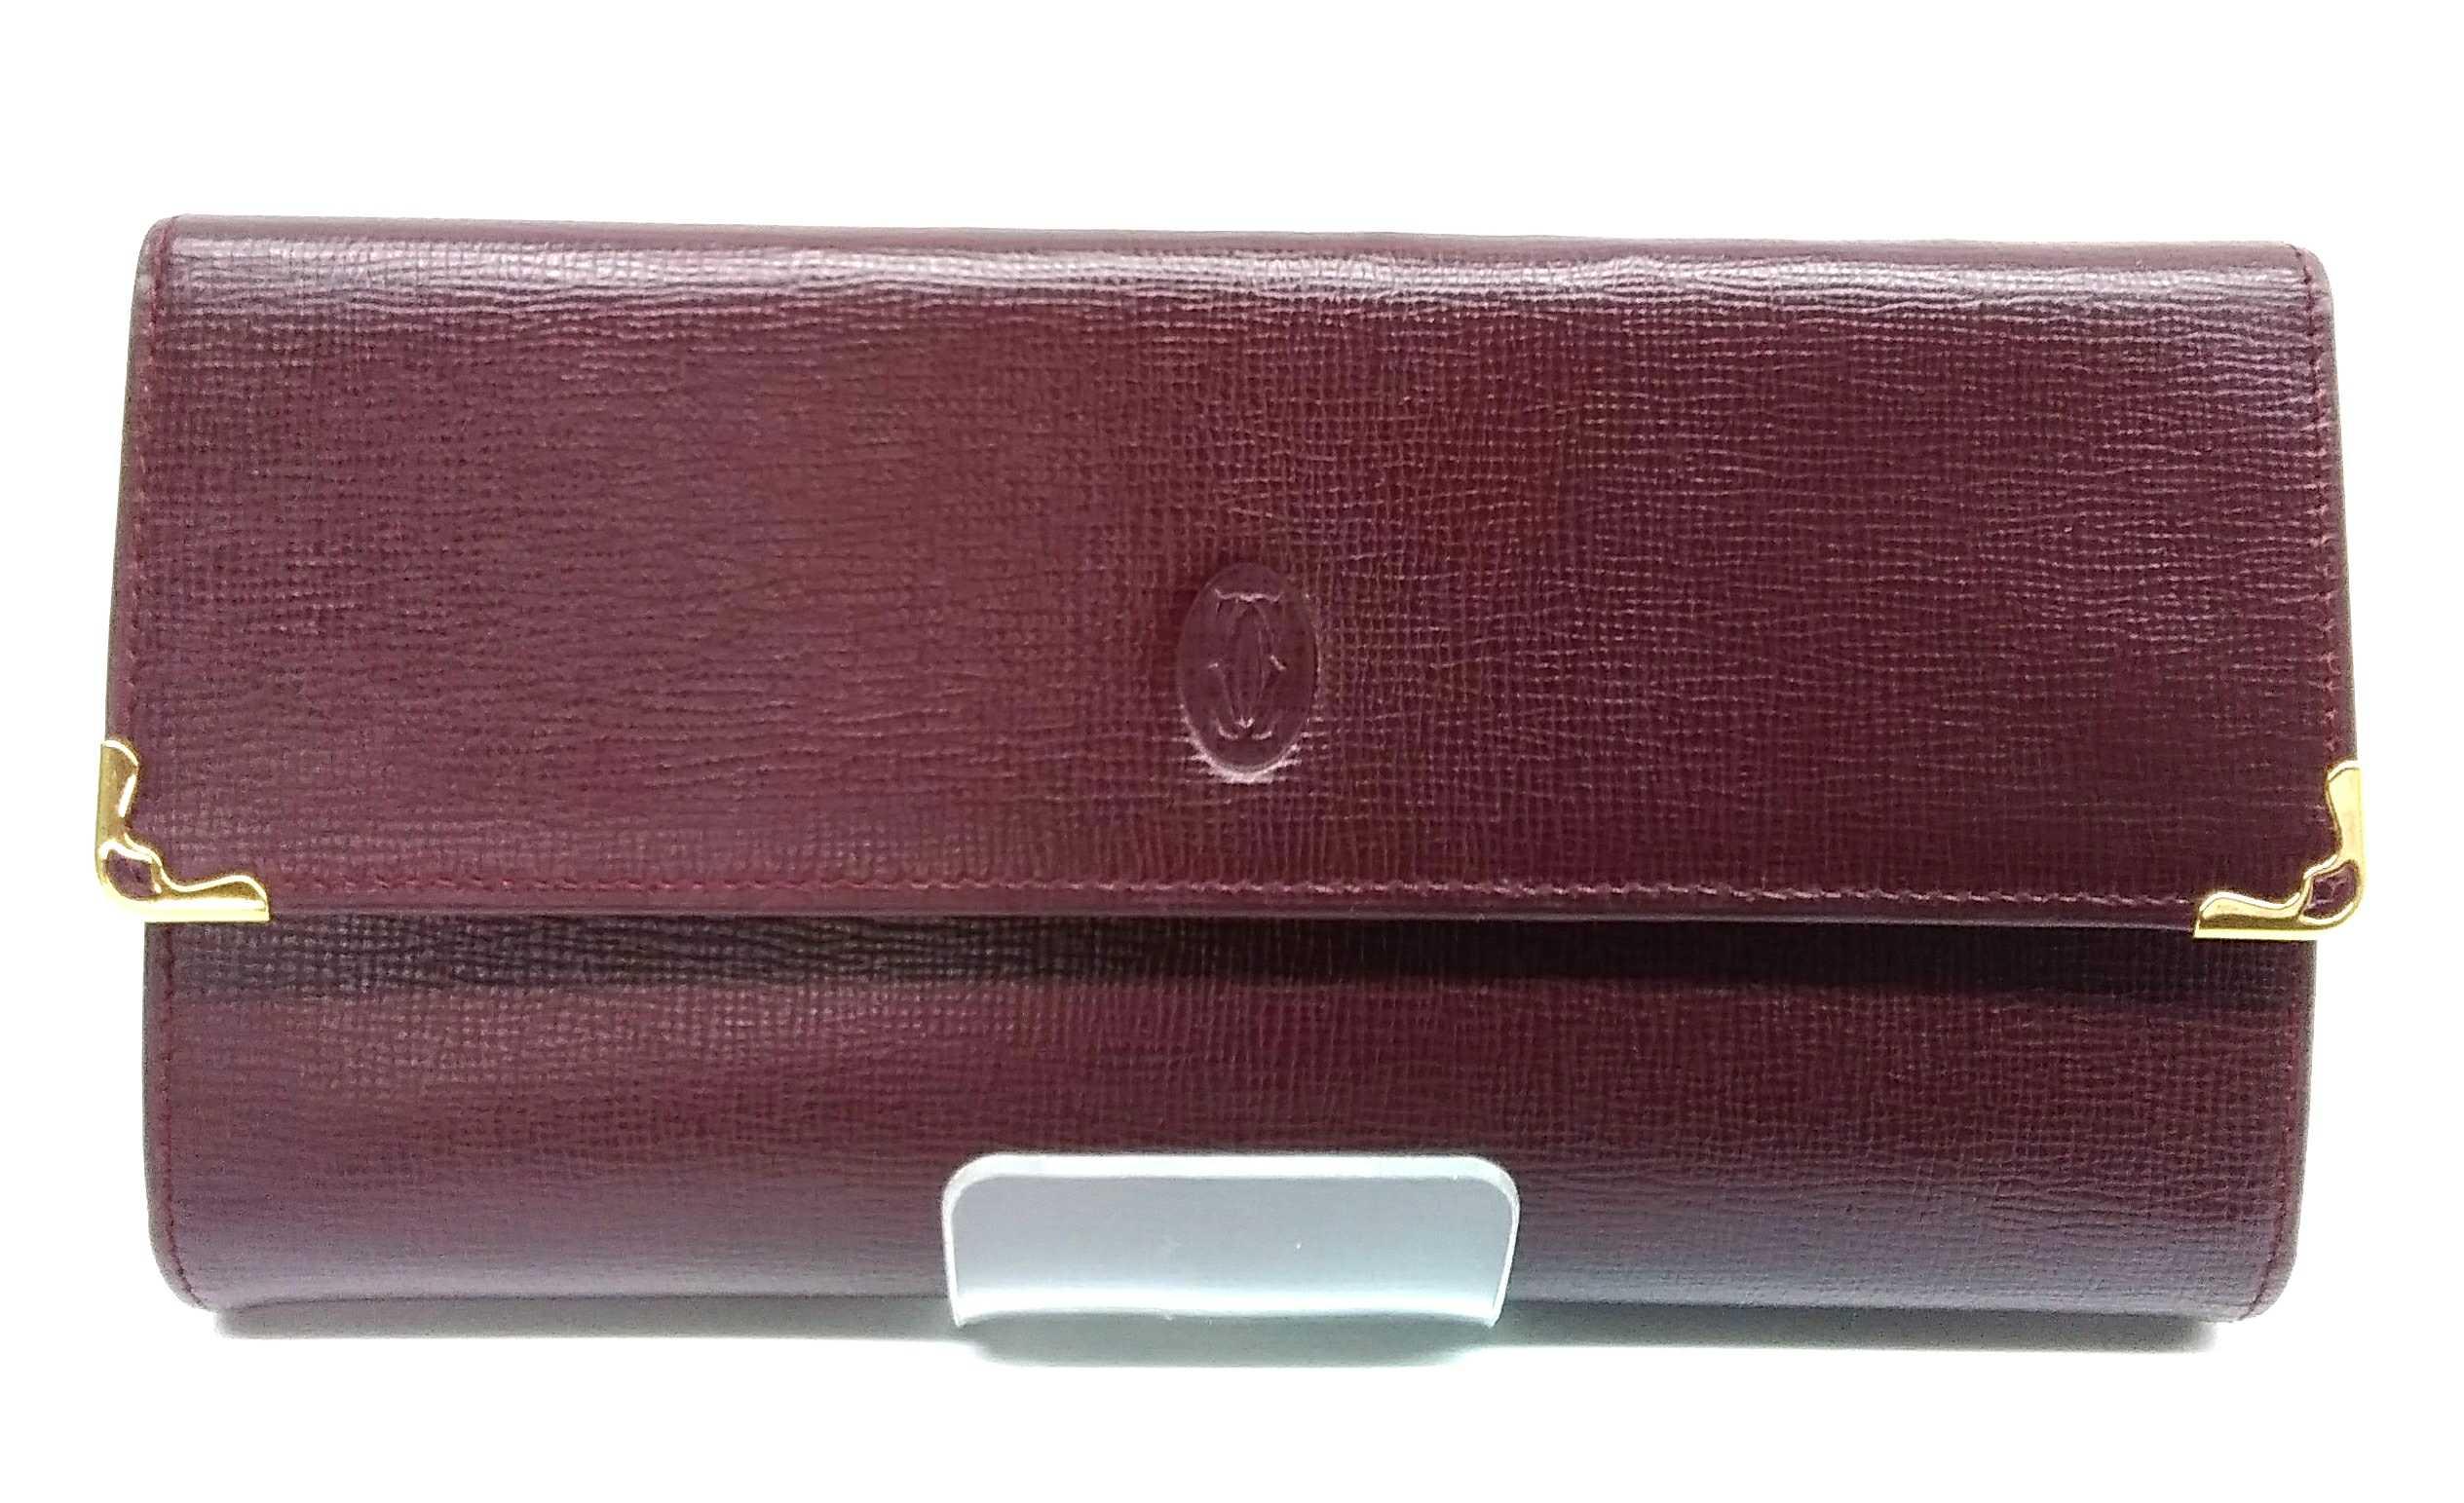 がま口財布|カルティエ